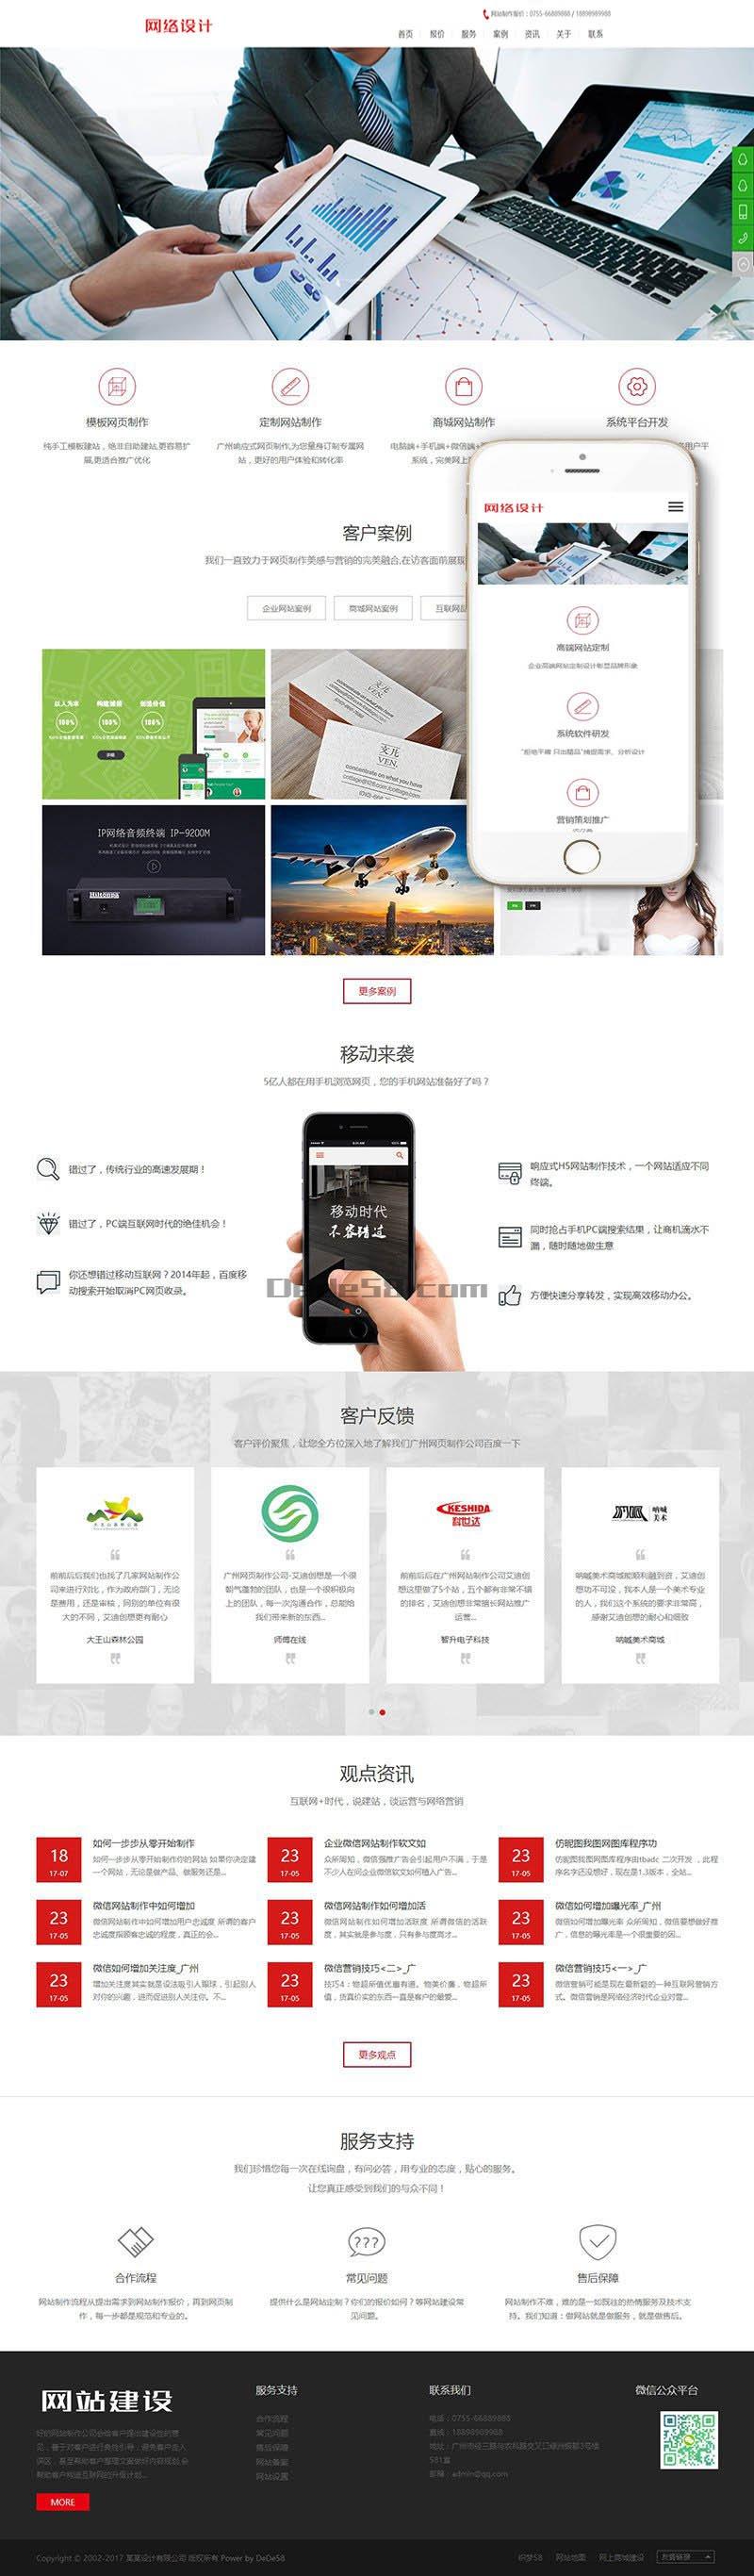 响应式网站网络设计公司织梦模板(自适应手机端)